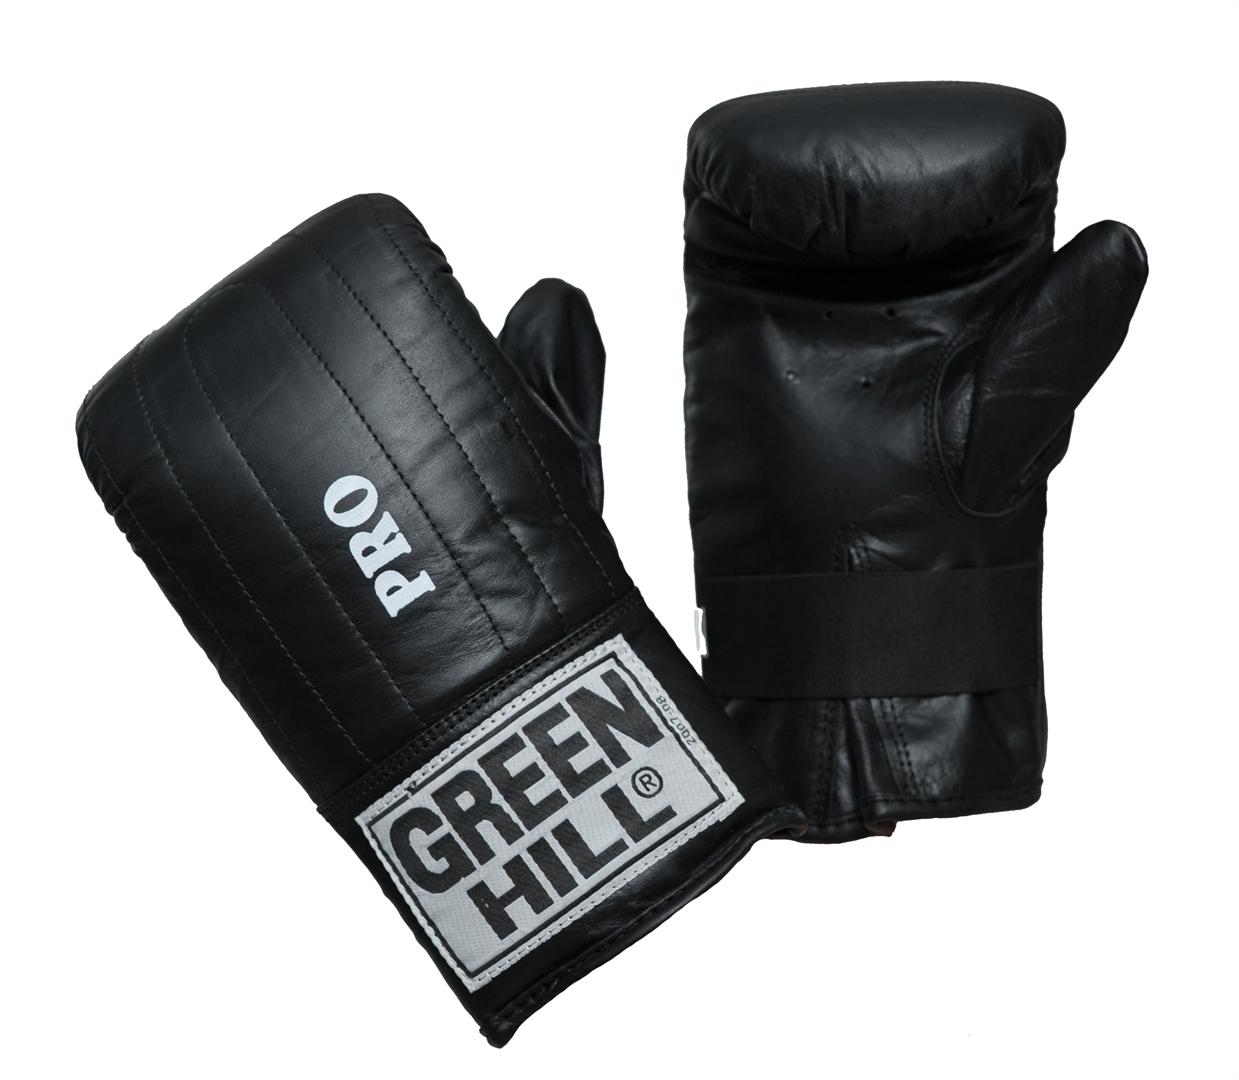 Перчатки снарядные Green Hill Pro, цвет: черный. Размер LPMP-2064Снарядные перчатки Green Hill Pro предназначены для отработки ударов по мешкам и лапам, а также для легких спаррингов. Перчатки выполнены из натуральной кожи с мягким наполнителем внутри. Манжет не резинке позволяет быстро снимать и одевать перчатки, плотно фиксирует их на руке.